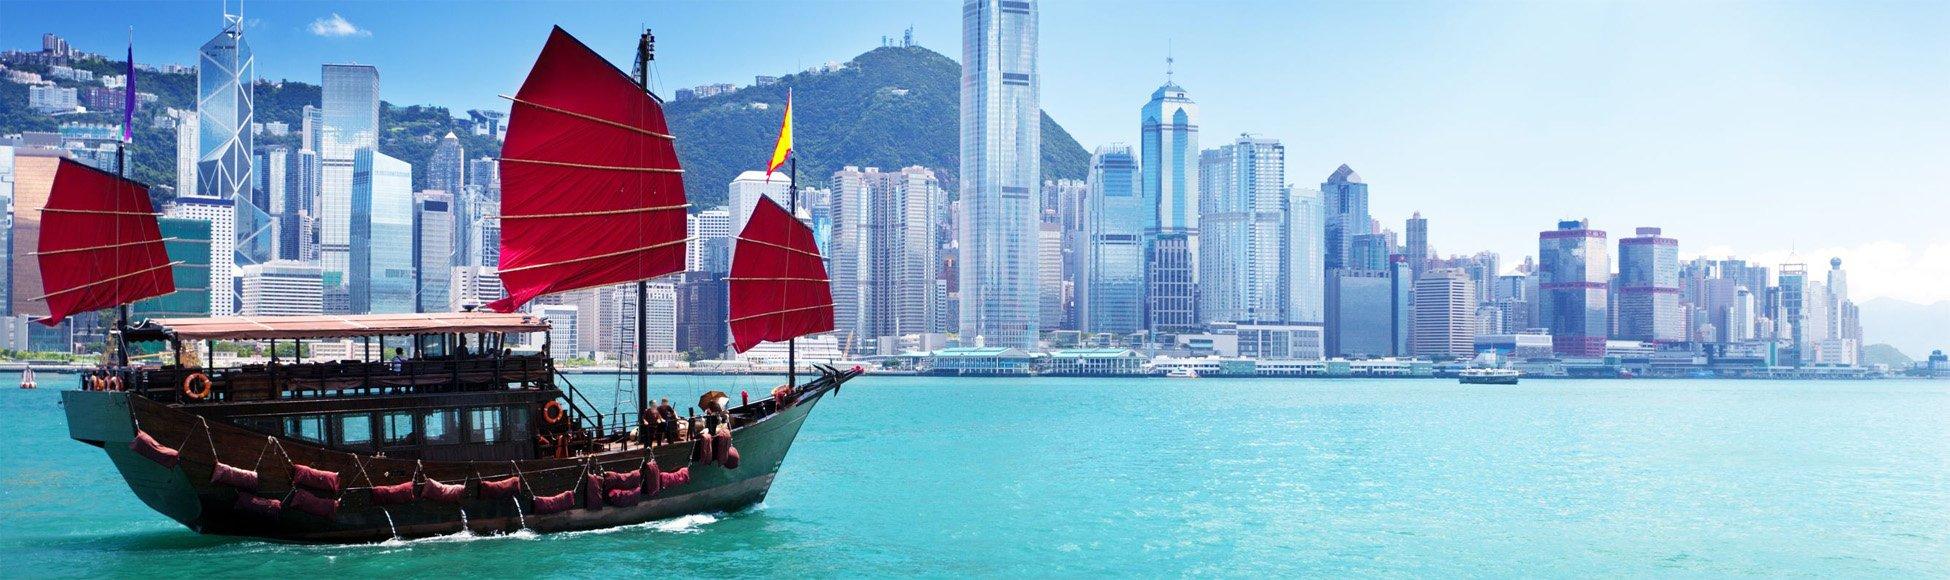 Hong Kong Sailing Boat